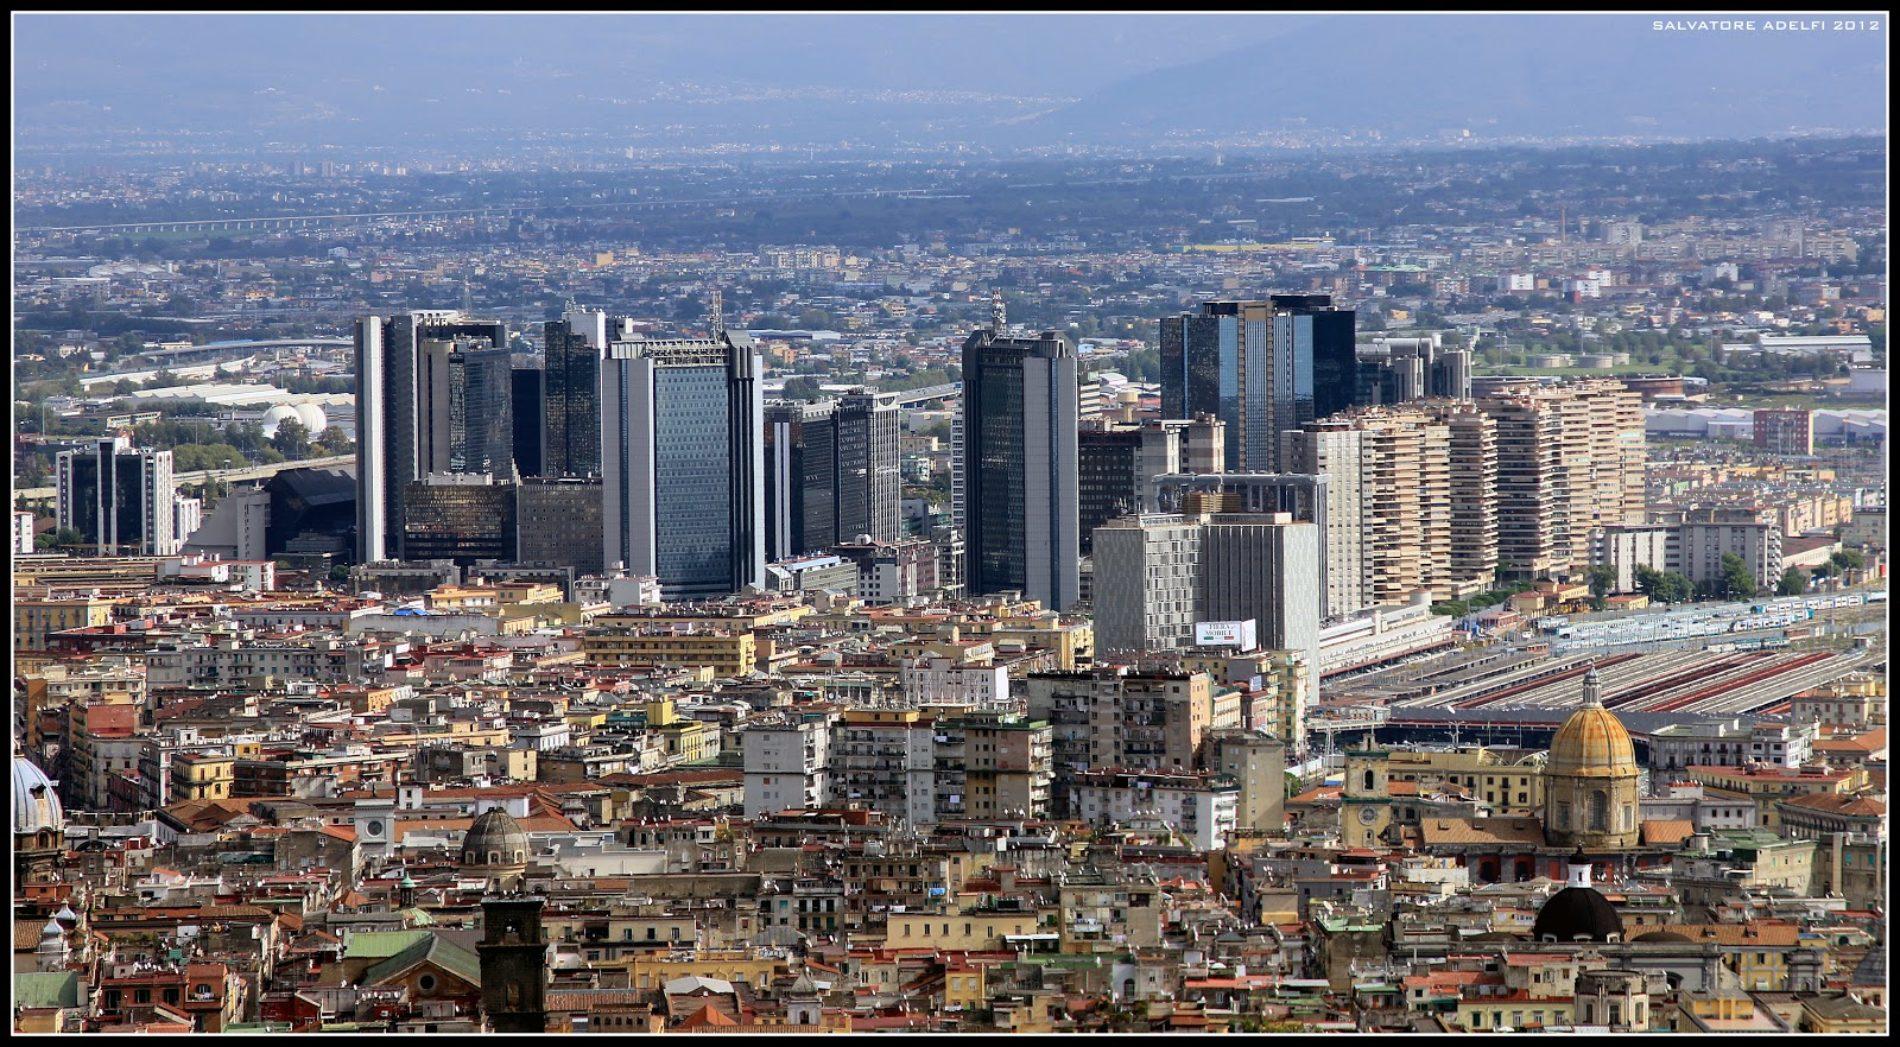 Napoli e i grattacieli più alti d'Italia: storia di un'urbanizzazione interrotta